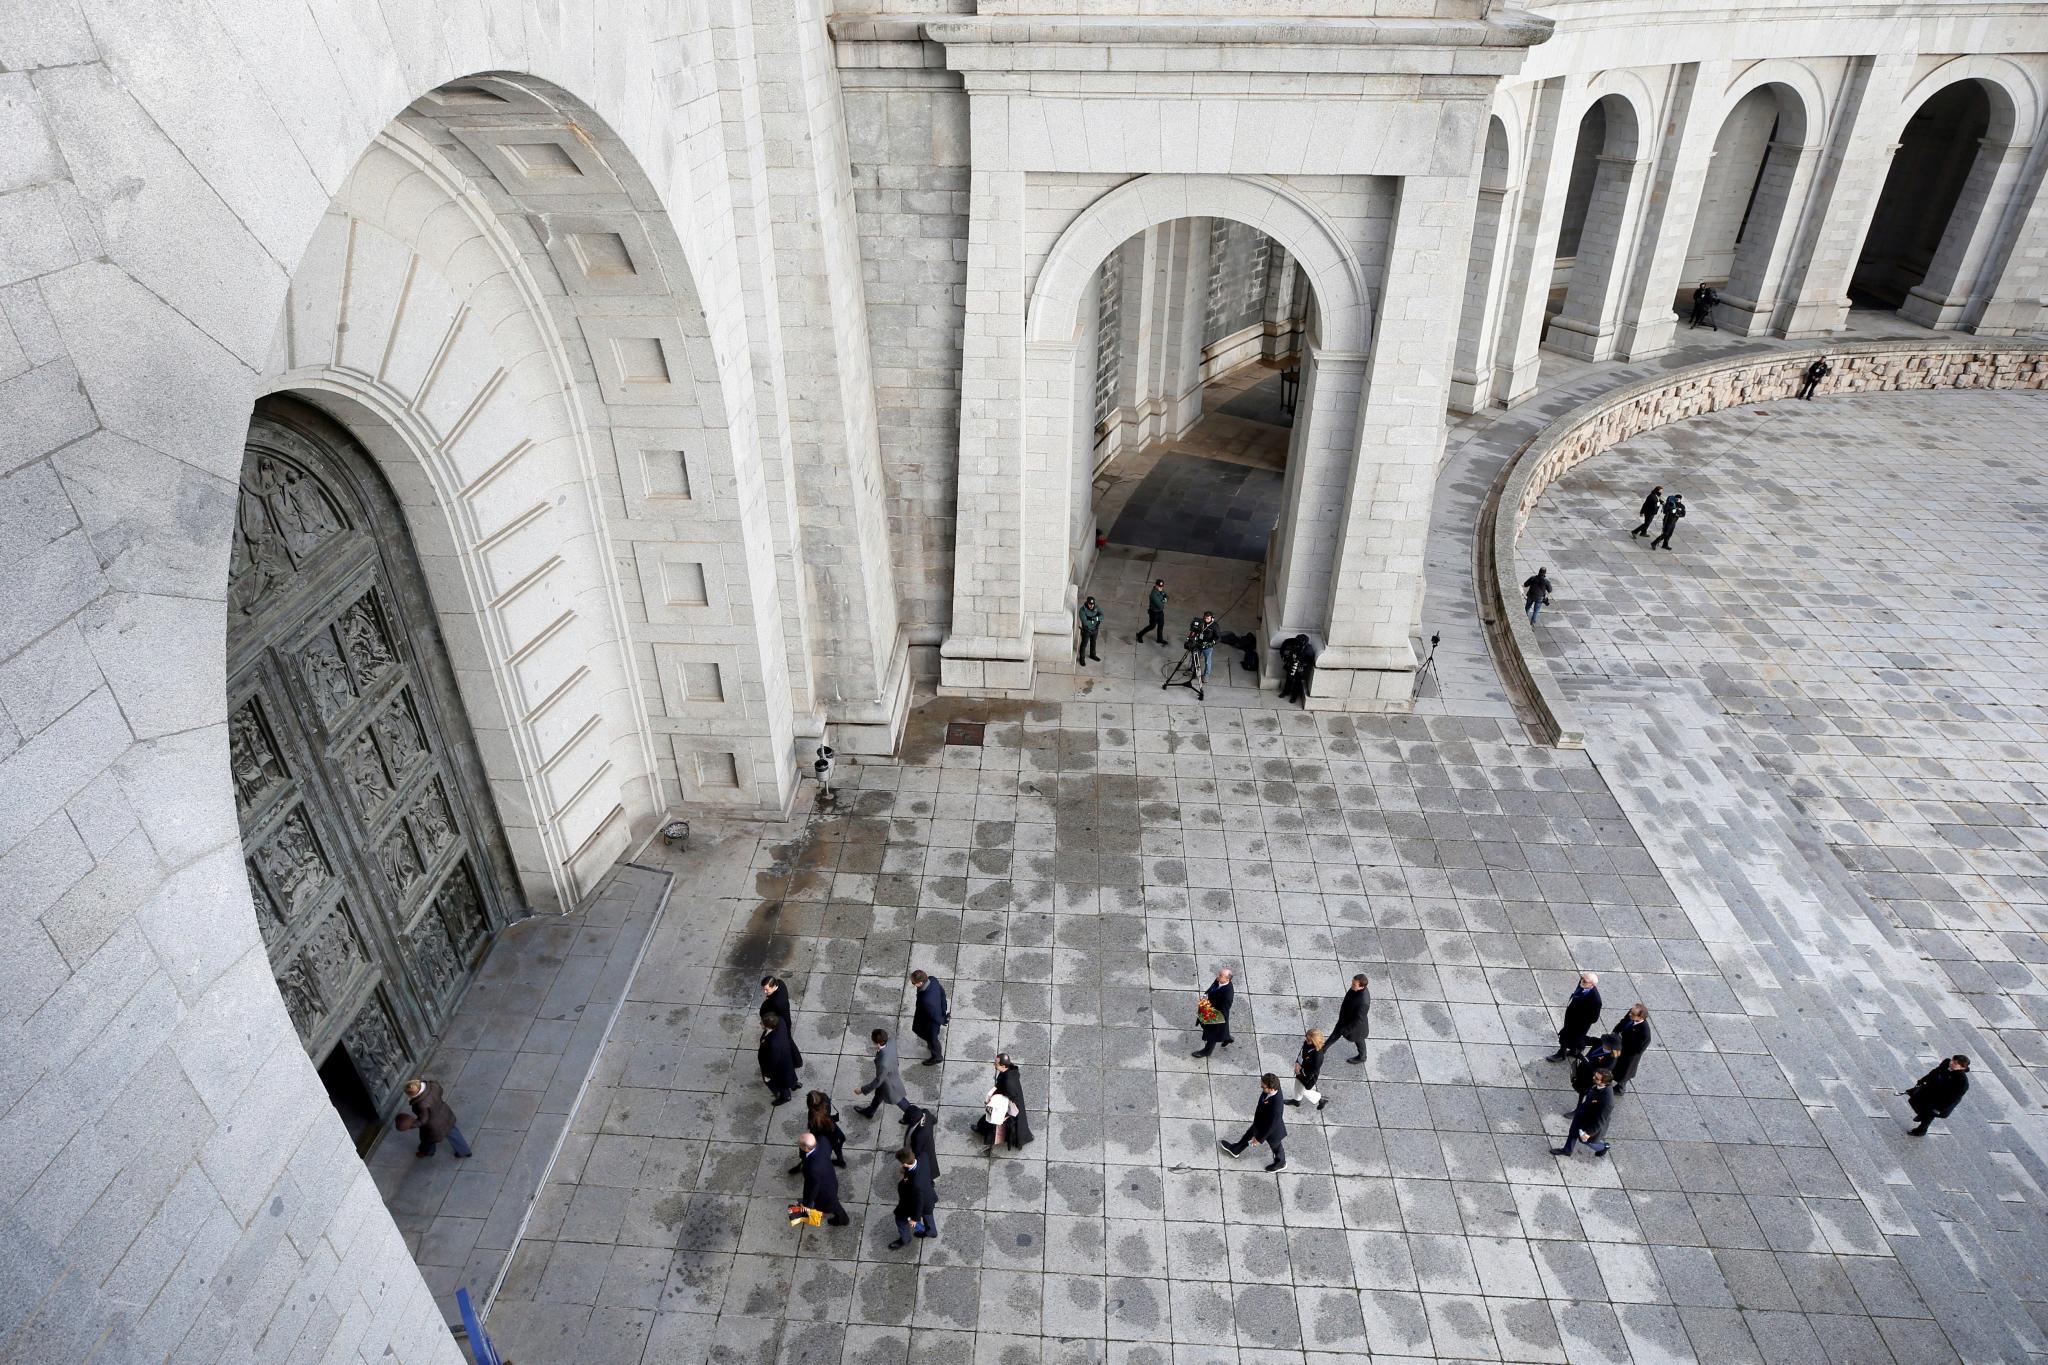 Los familiares de la familia Franco acompañados por el prior de la basílica del Valle de los Caídos, Santiago Cantera, acceden al templo para asistir a la exhumación de los restos del dictador en la basílica, donde están presentes las autoridades qu